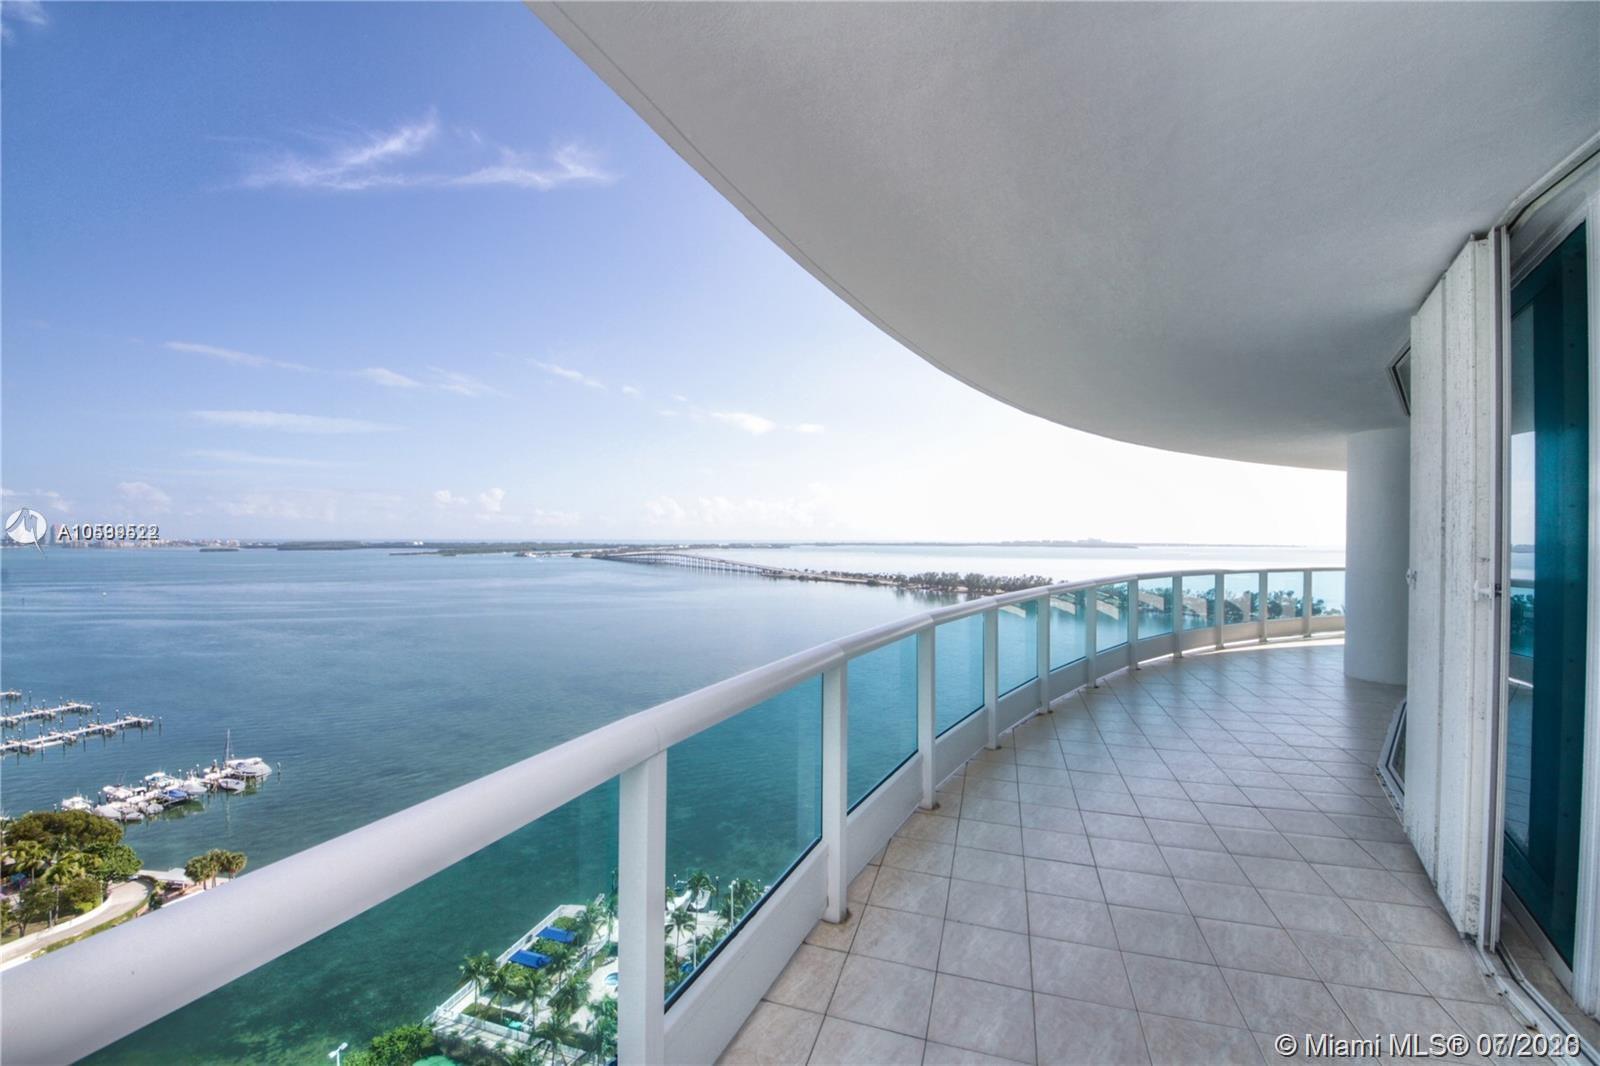 2127 Brickell Avenue, Miami, FL 33129, Bristol Tower Condominium #2601, Brickell, Miami A10599522 image #14